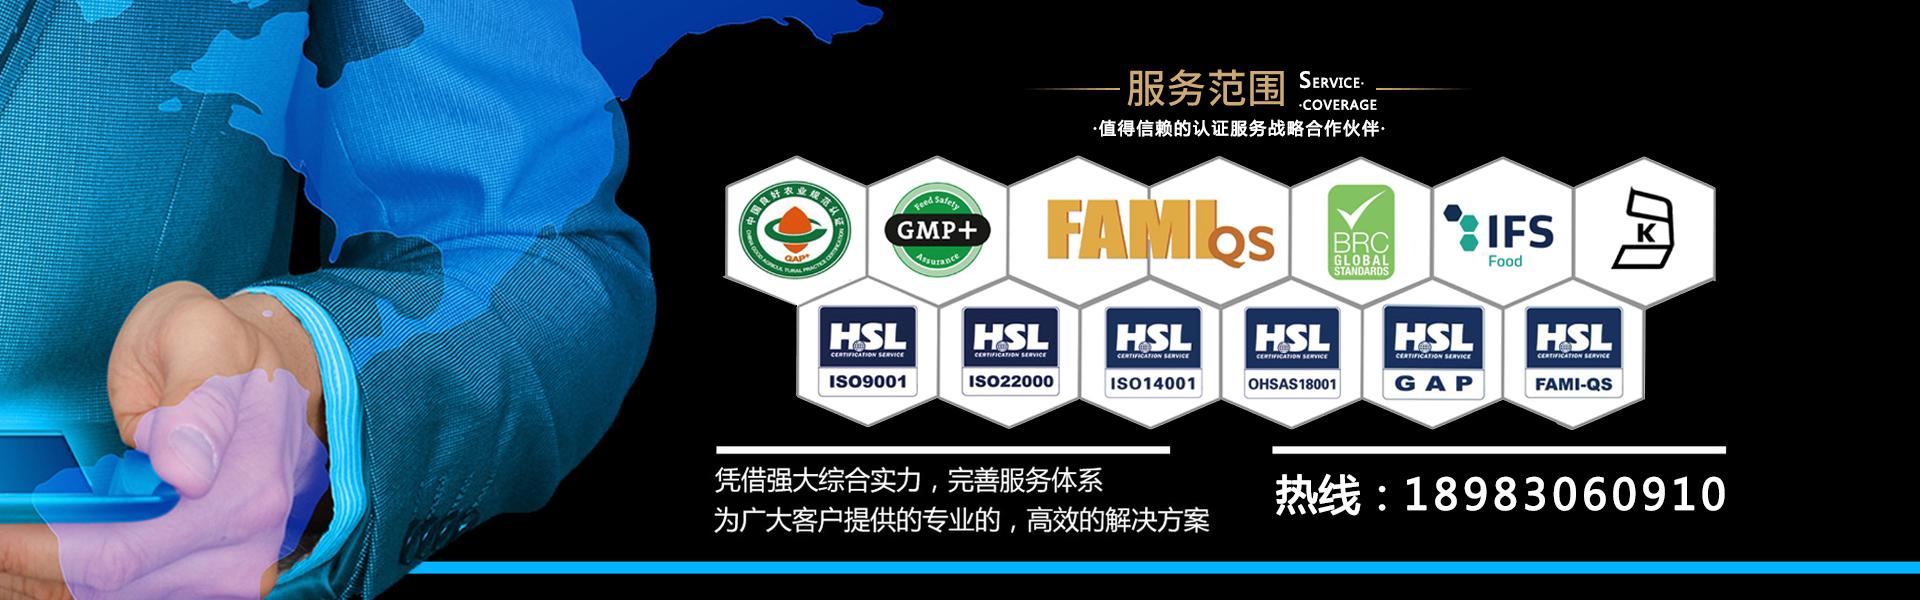 重庆普道企业管理咨询有限公司的服务项目:ISO9001认证,TS16949认证,ISO17025认证,CCC认证,ISO27001认证